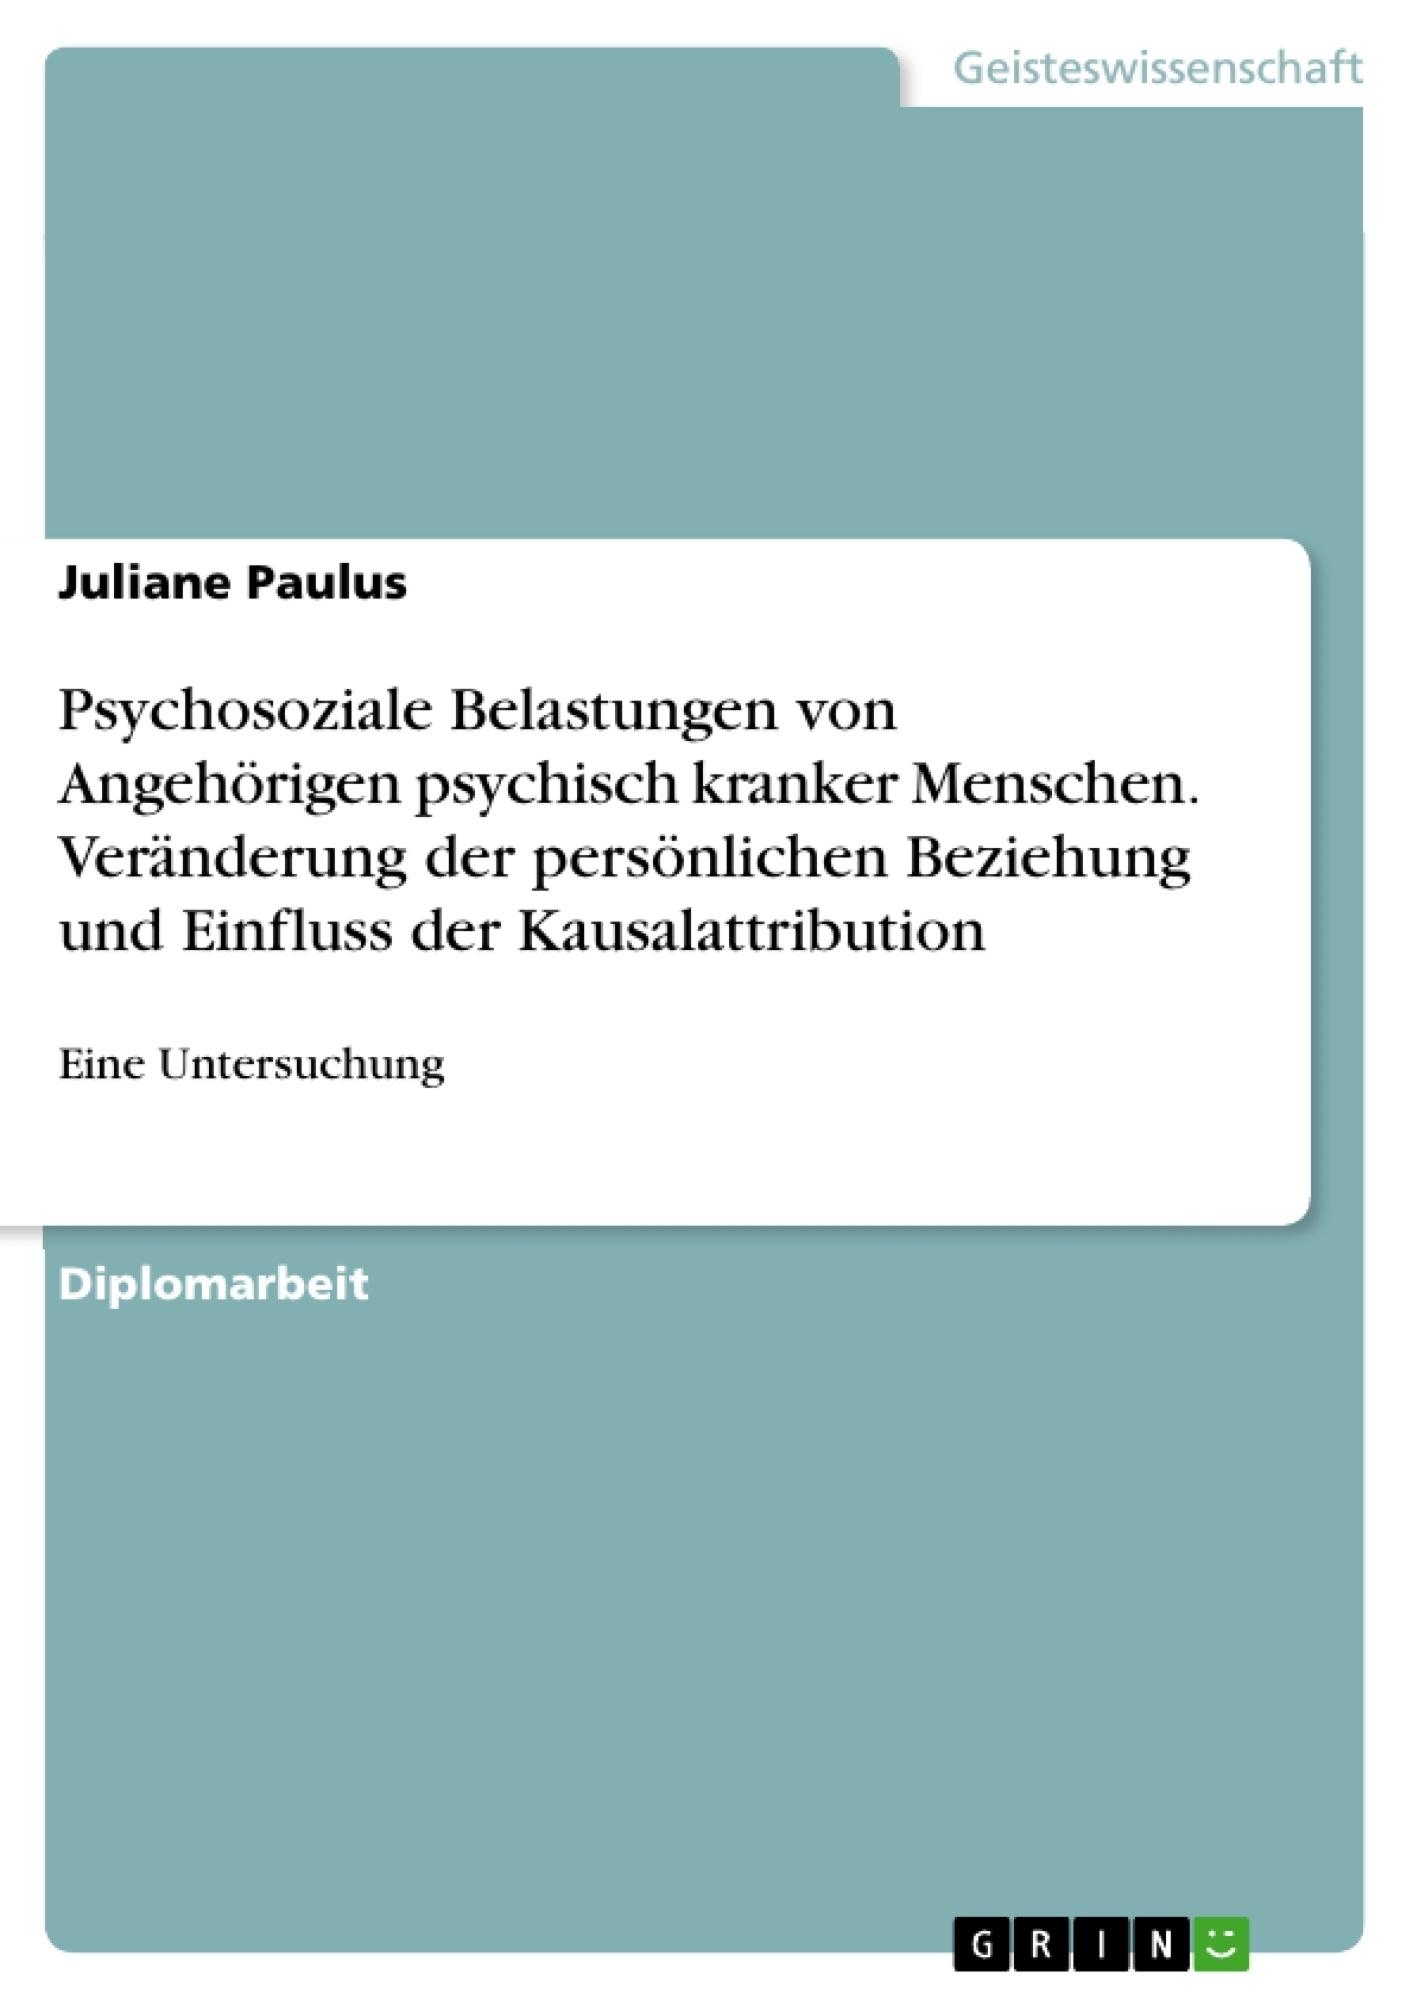 Titel: Psychosoziale Belastungen von Angehörigen psychisch kranker Menschen. Veränderung der persönlichen Beziehung und Einfluss der Kausalattribution